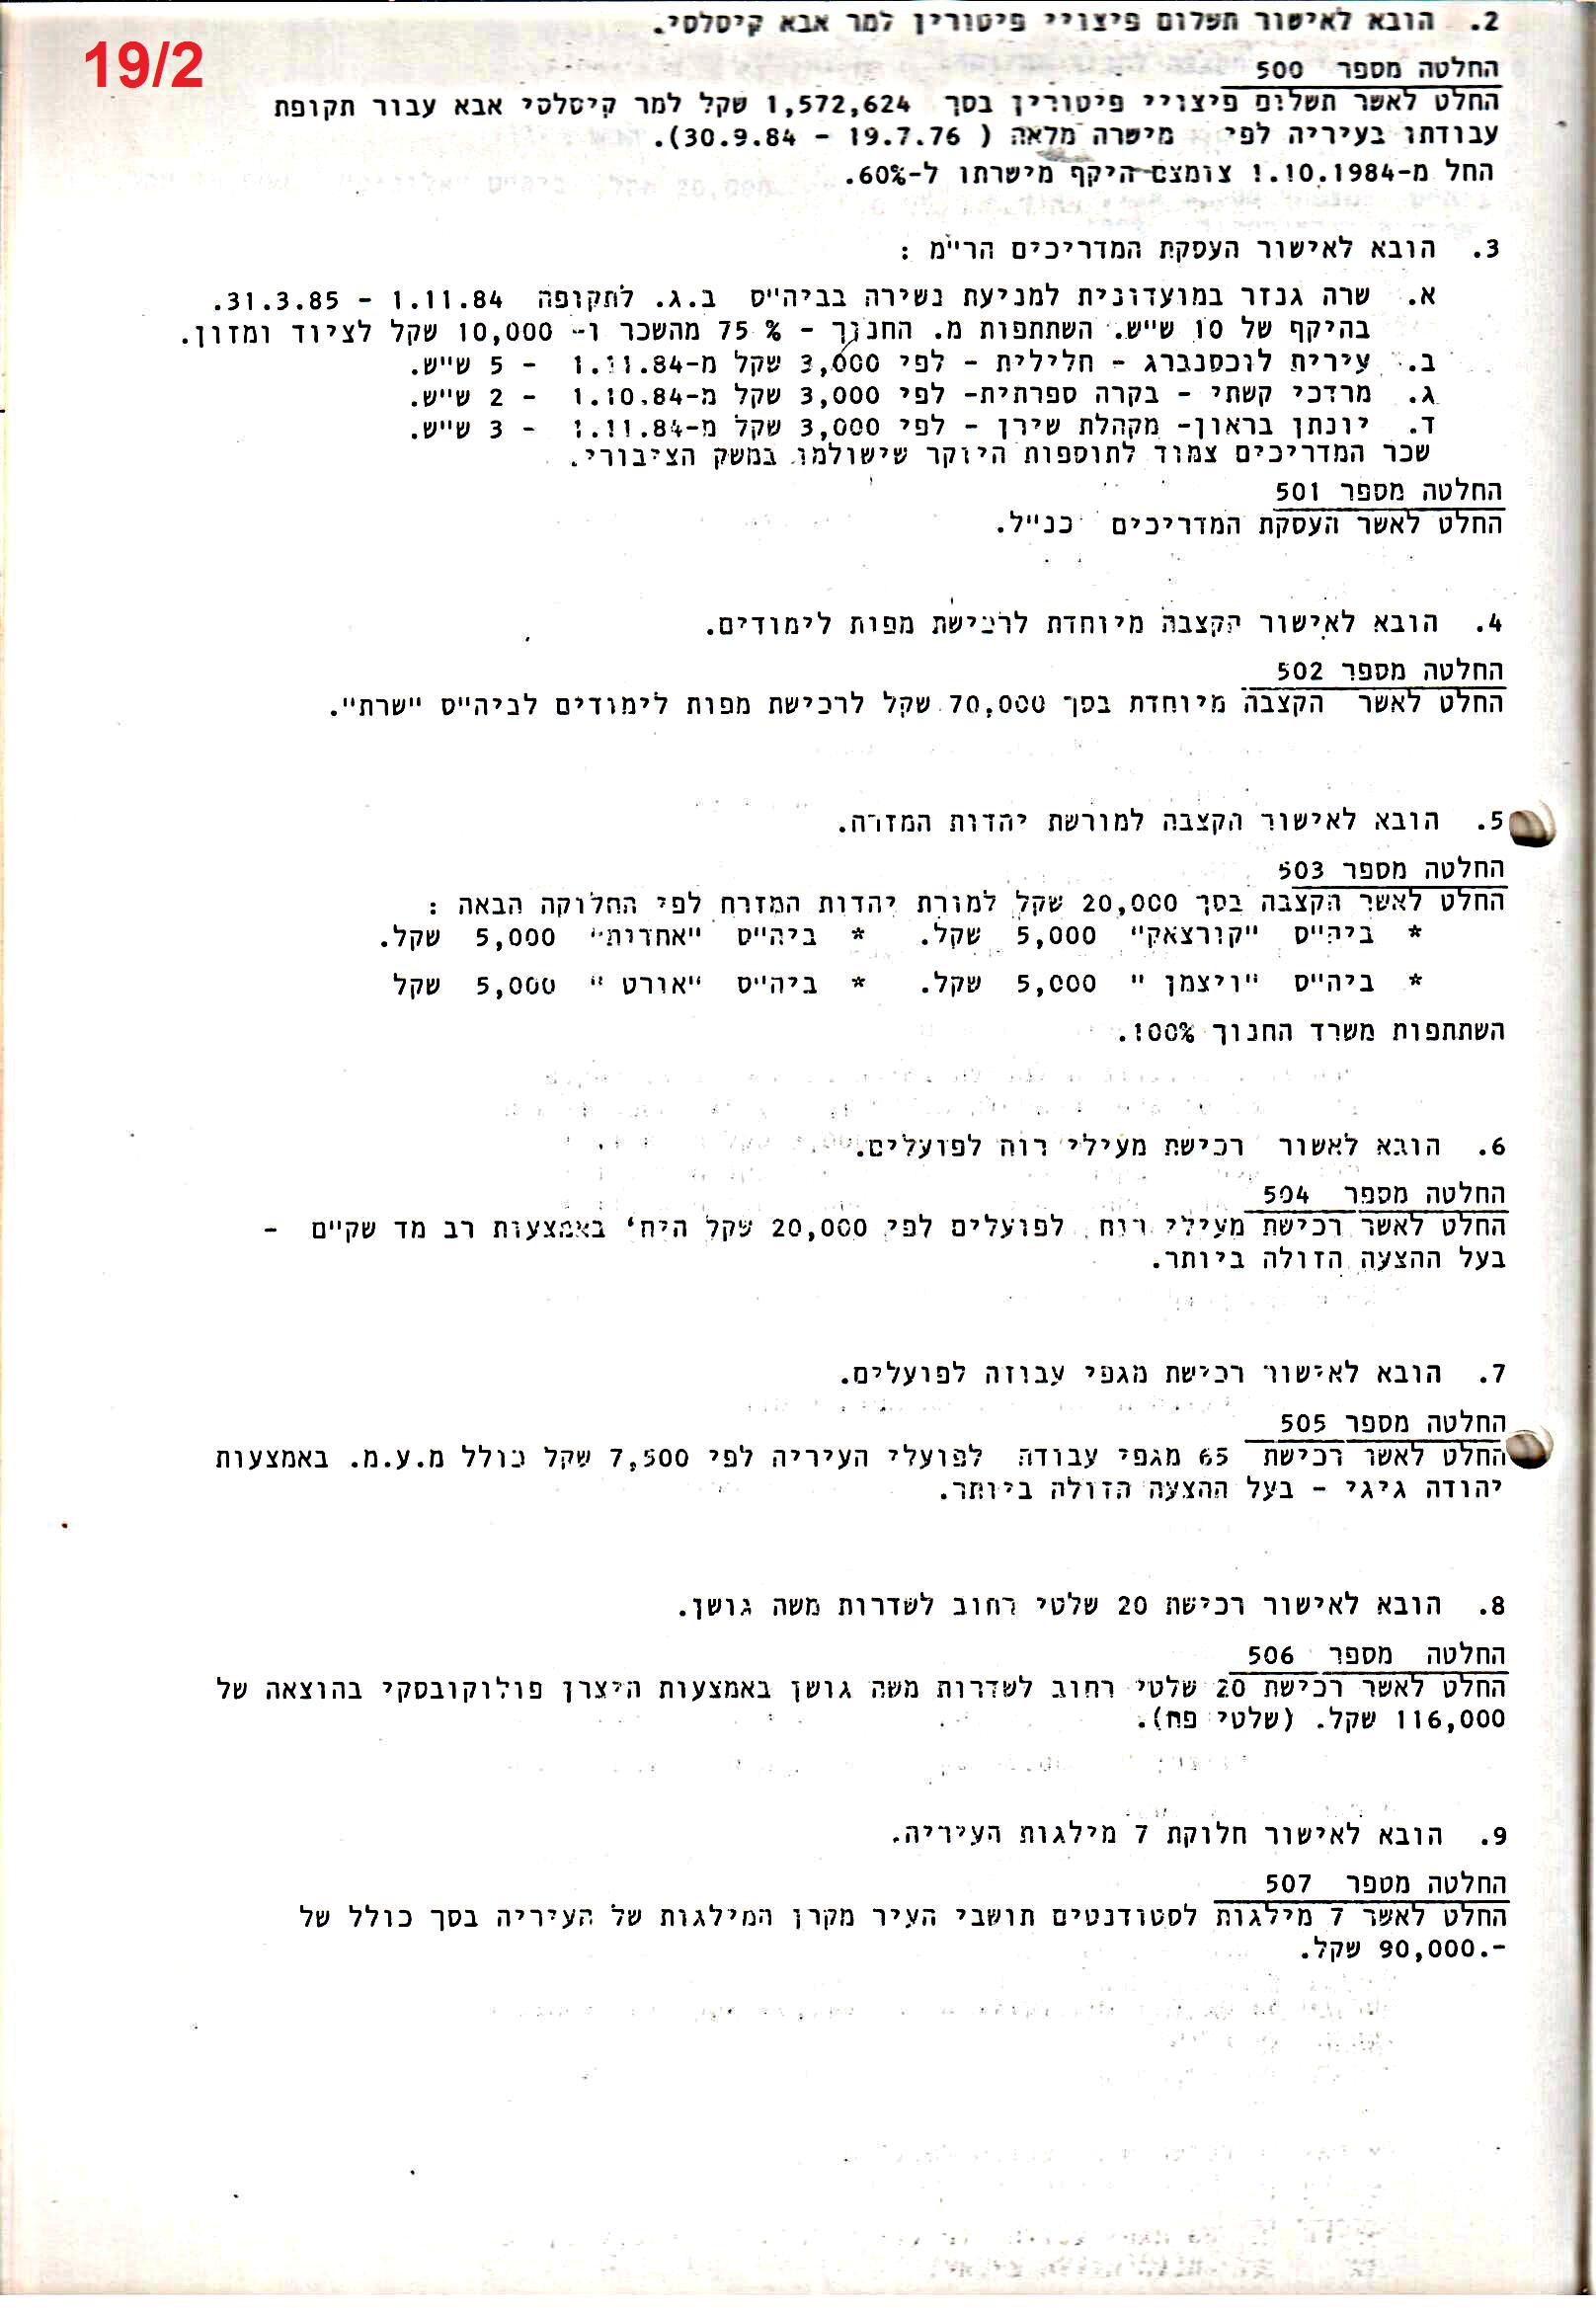 פרוטוקולים 22 – ועדות – 8.4.87 – 26.12.83 כספים by riki deri - Illustrated by  מוזיאון בית גרושקביץ / כרך 22 - Ourboox.com